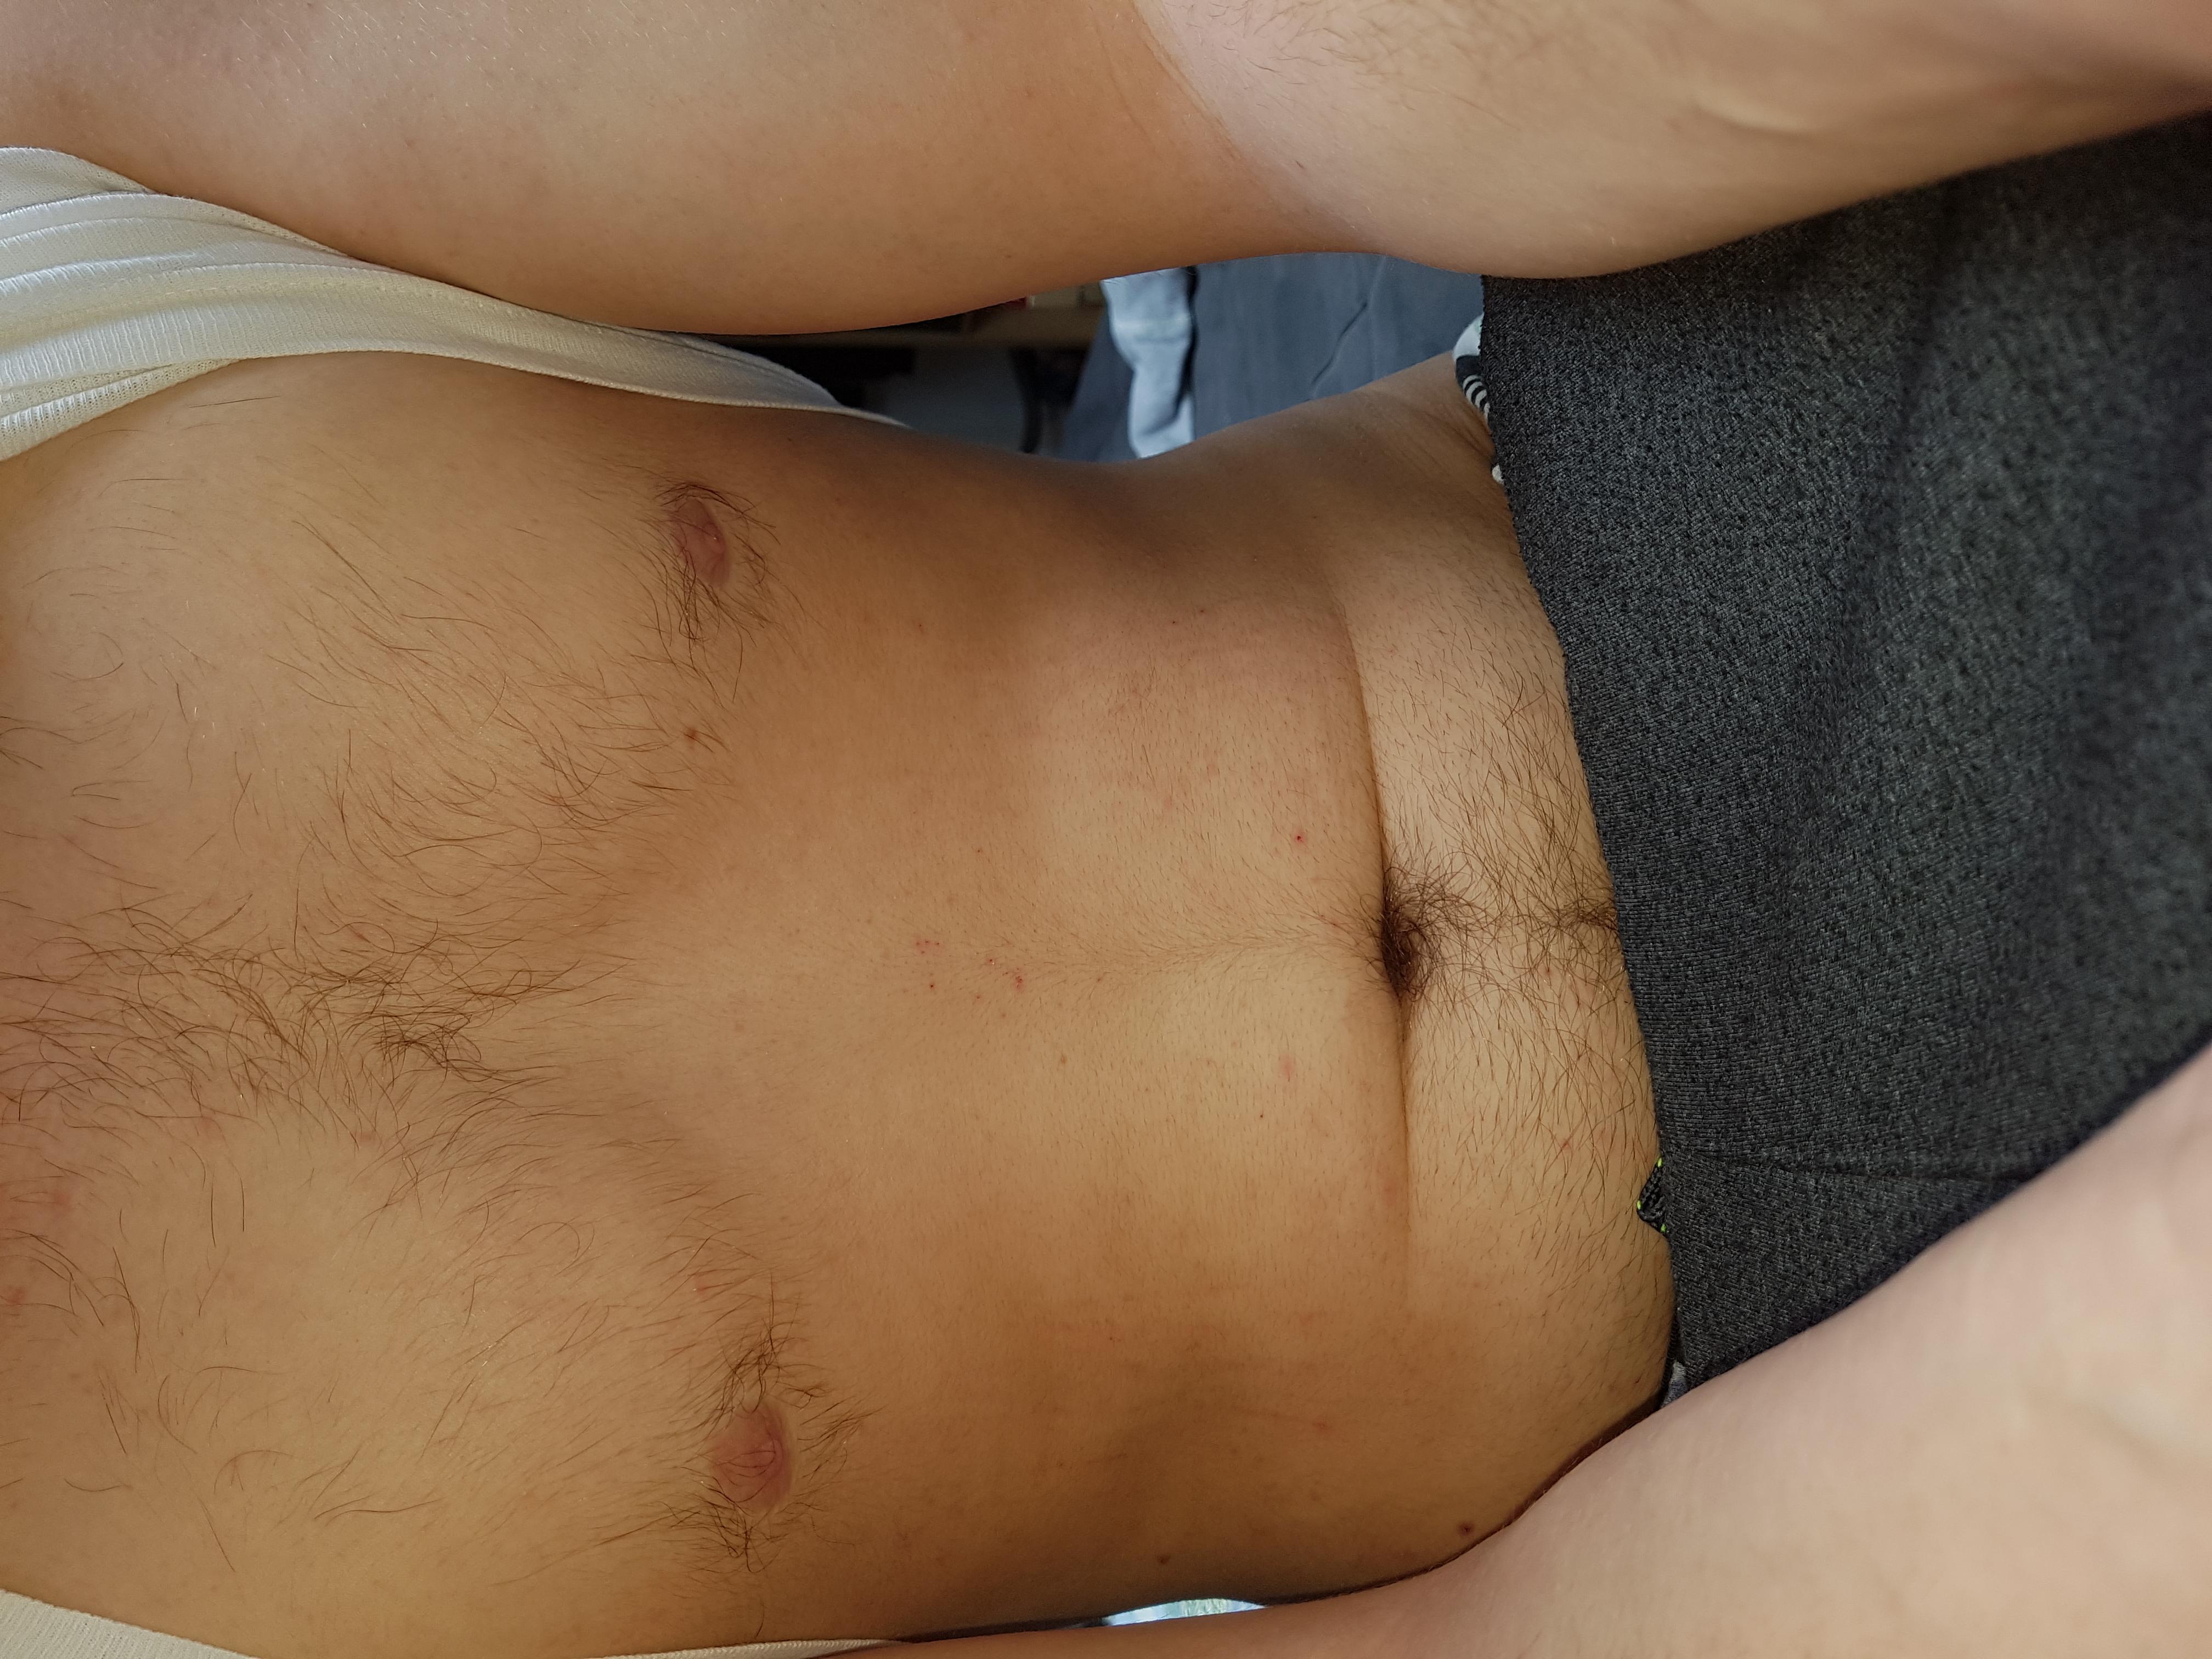 Auf penis ausschlag 21 schlechte